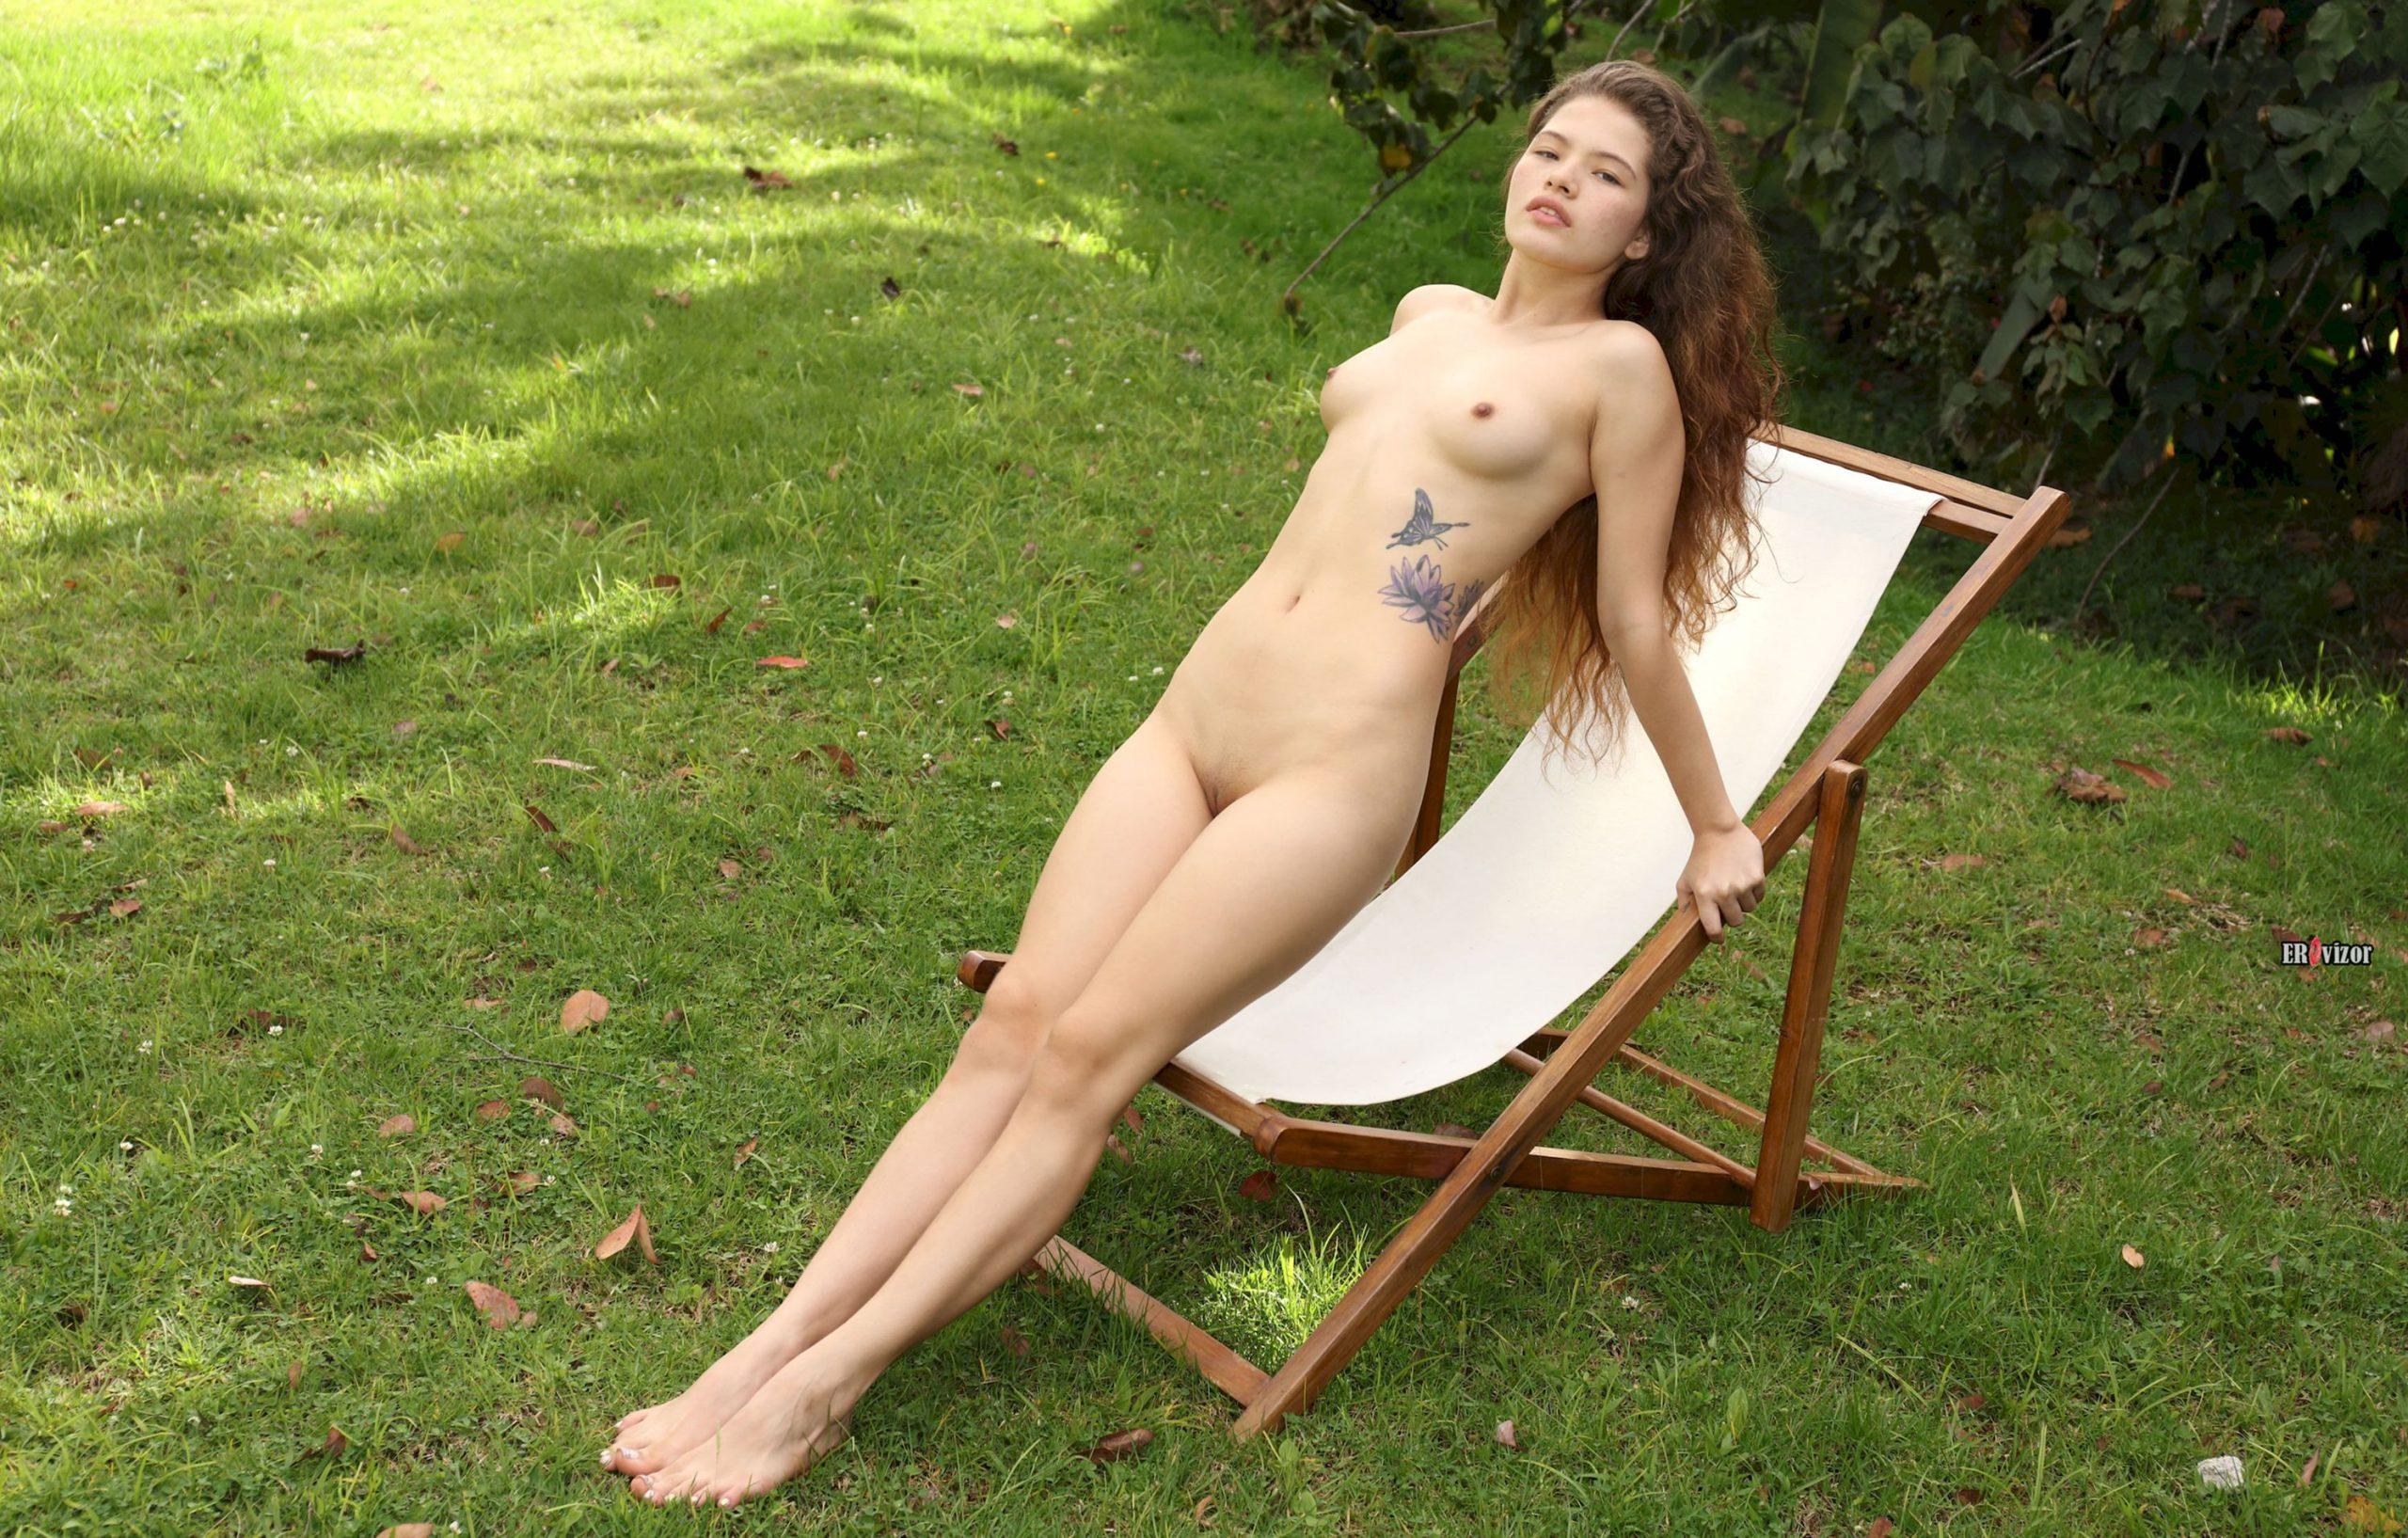 Молоденькая голая милашка на зеленой лужайке в шезлонге